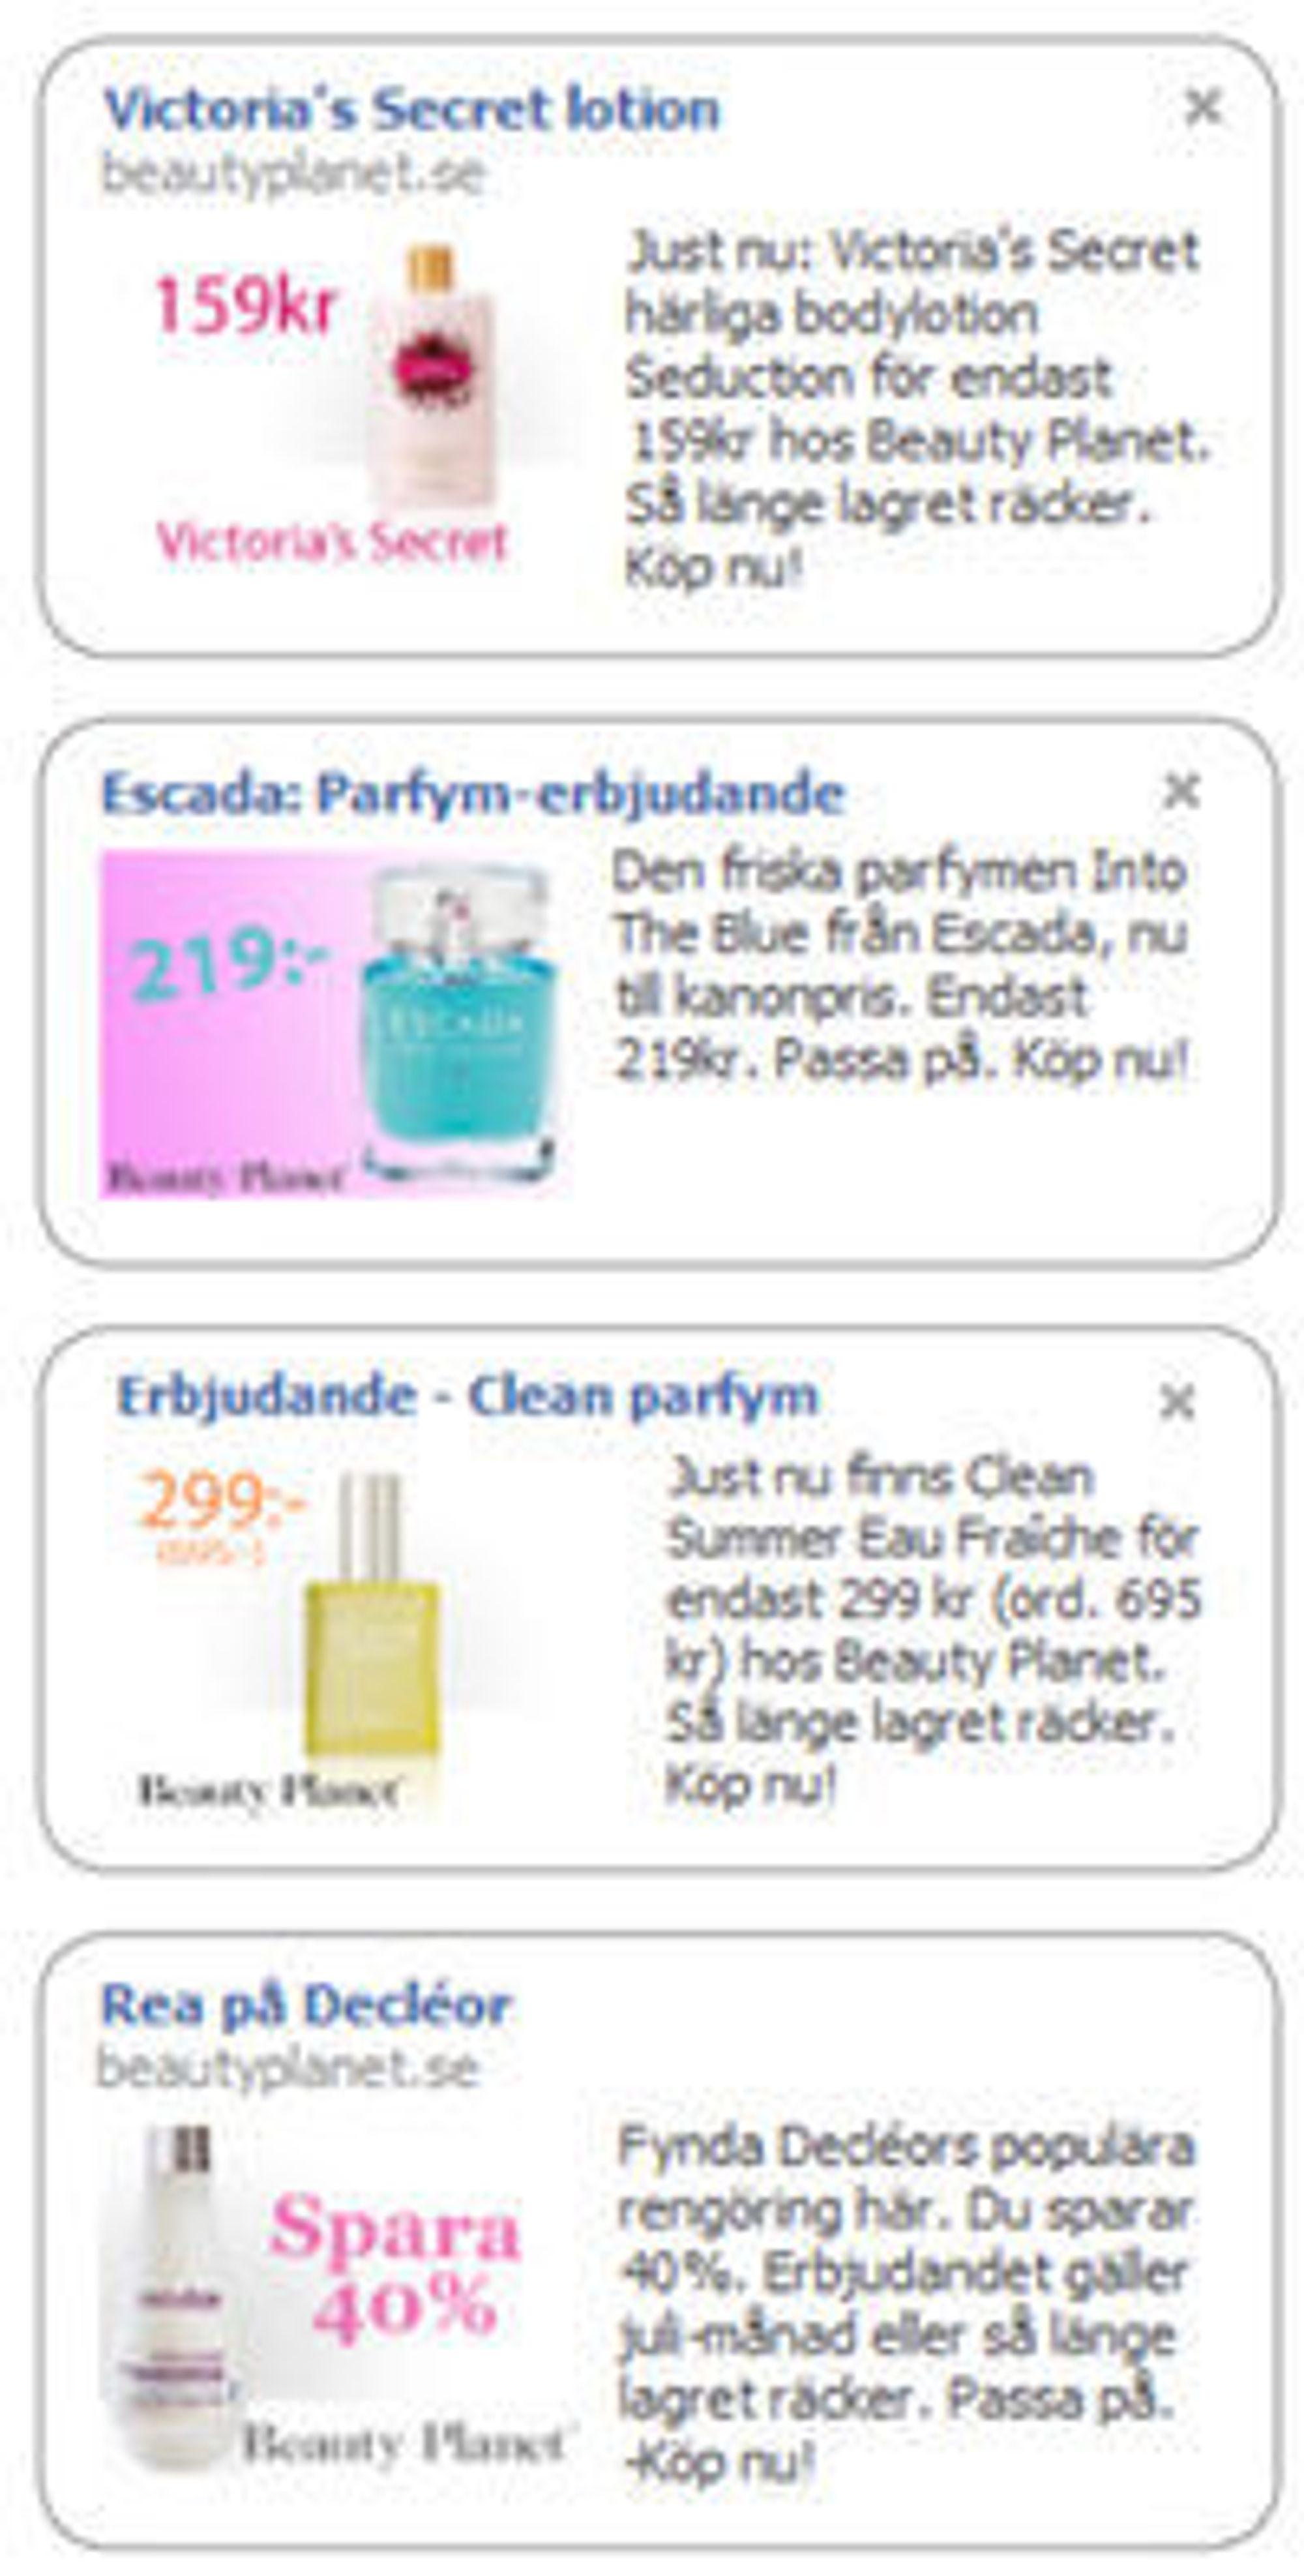 Eksempler på BeautyPlanet.se-annonser på Facebook.